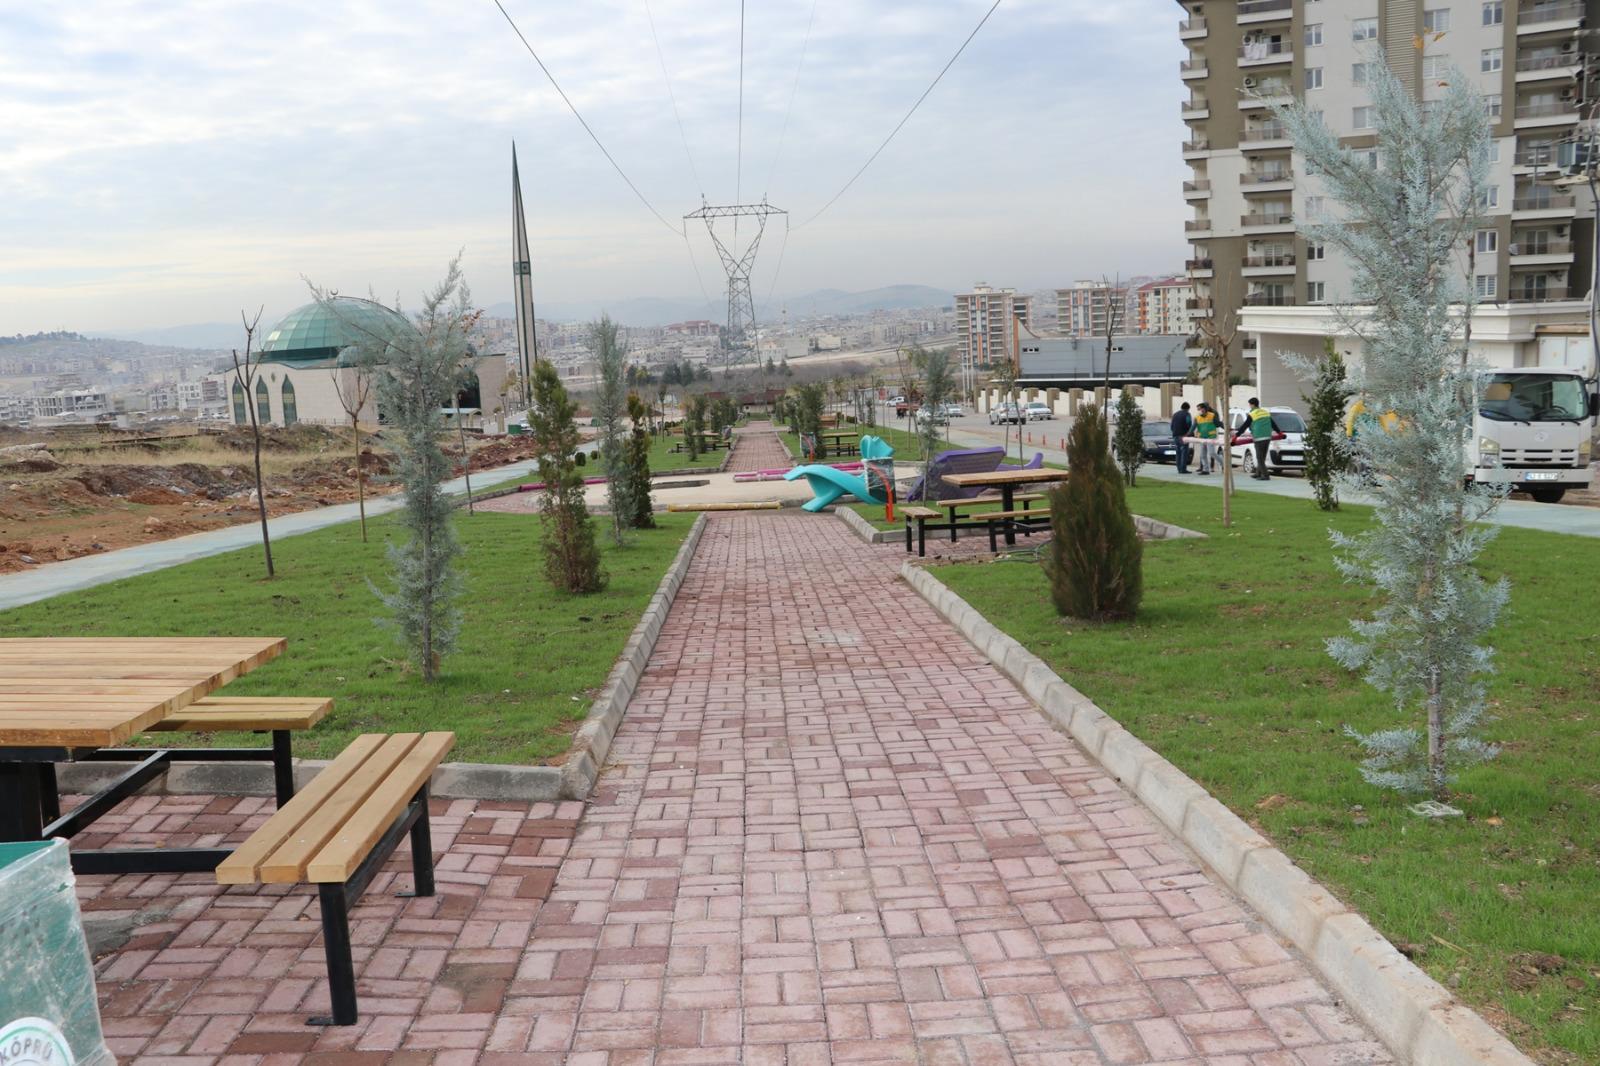 Karaköprü Belediyesi hizmeti sadece park olarak görüyor